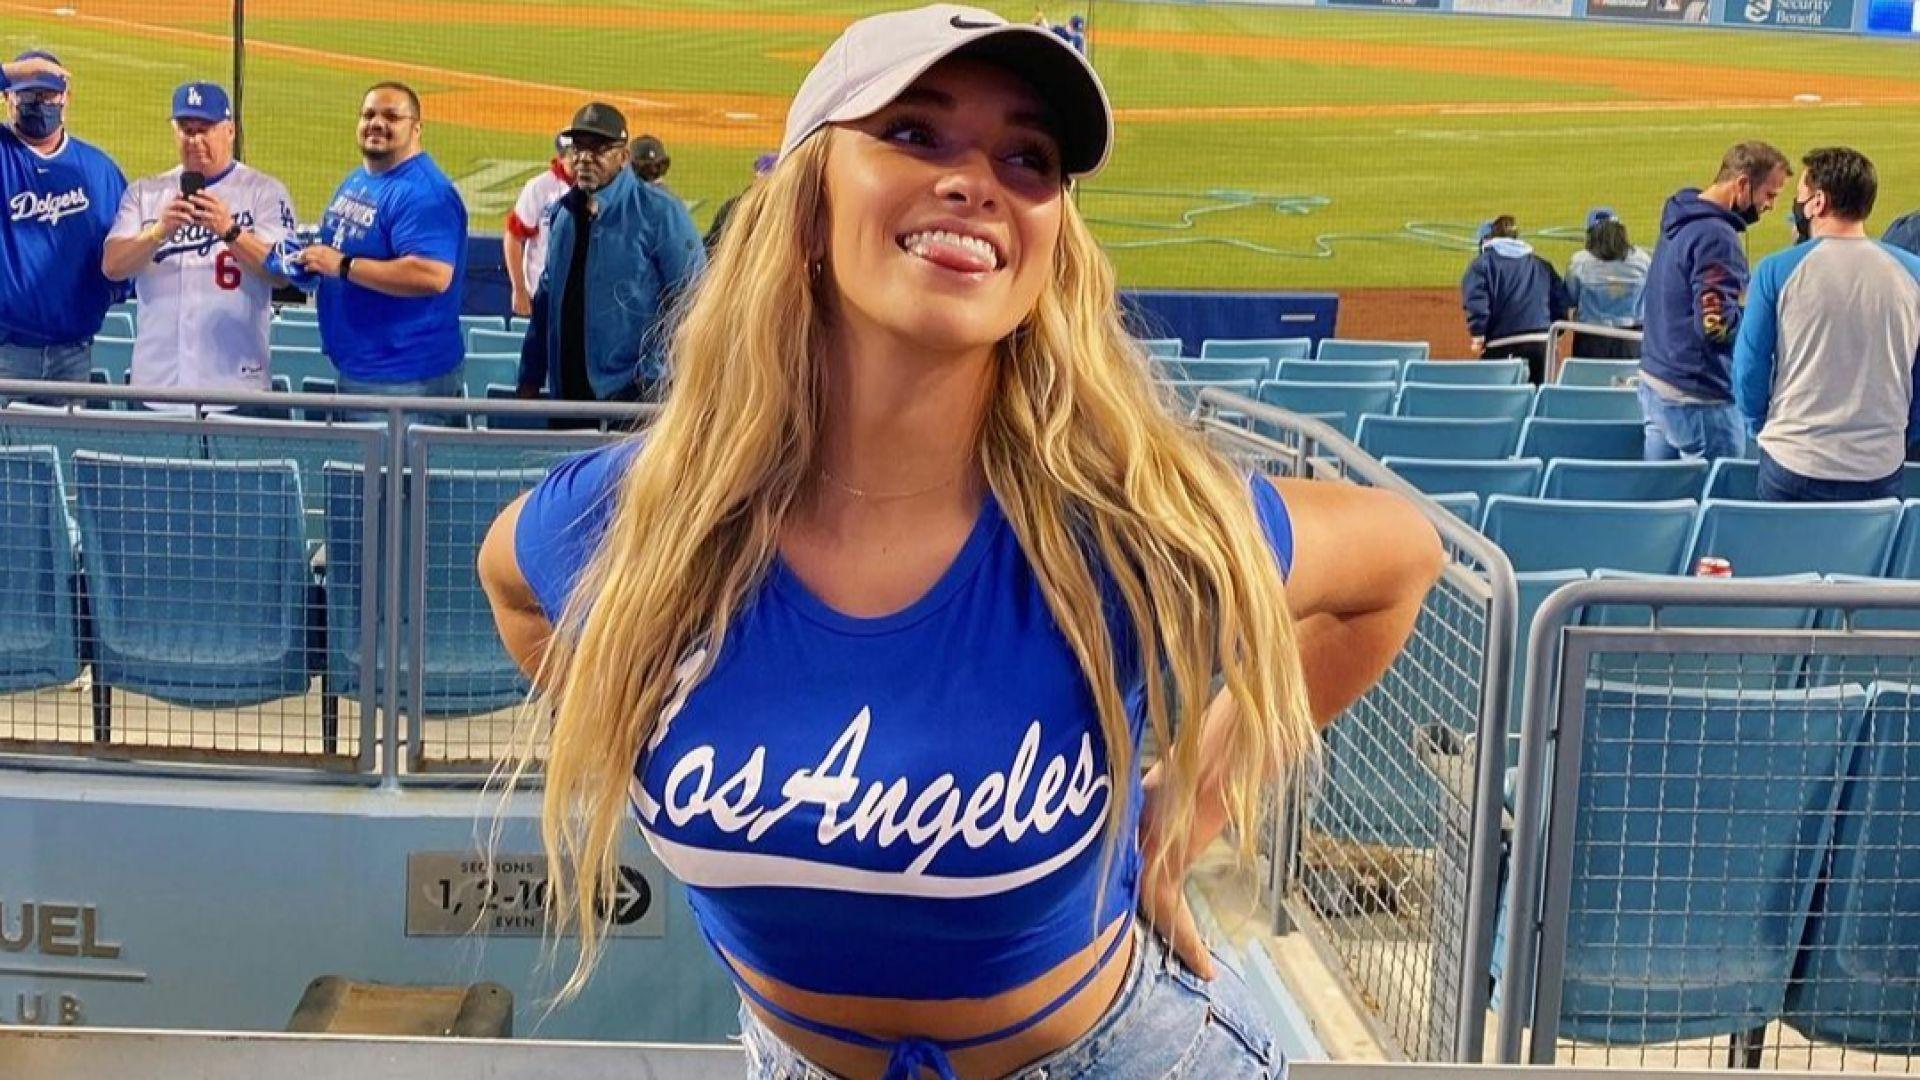 """Секси бивша волейболистка """"засенчи"""" мач в Лос Анджелис (снимки)"""